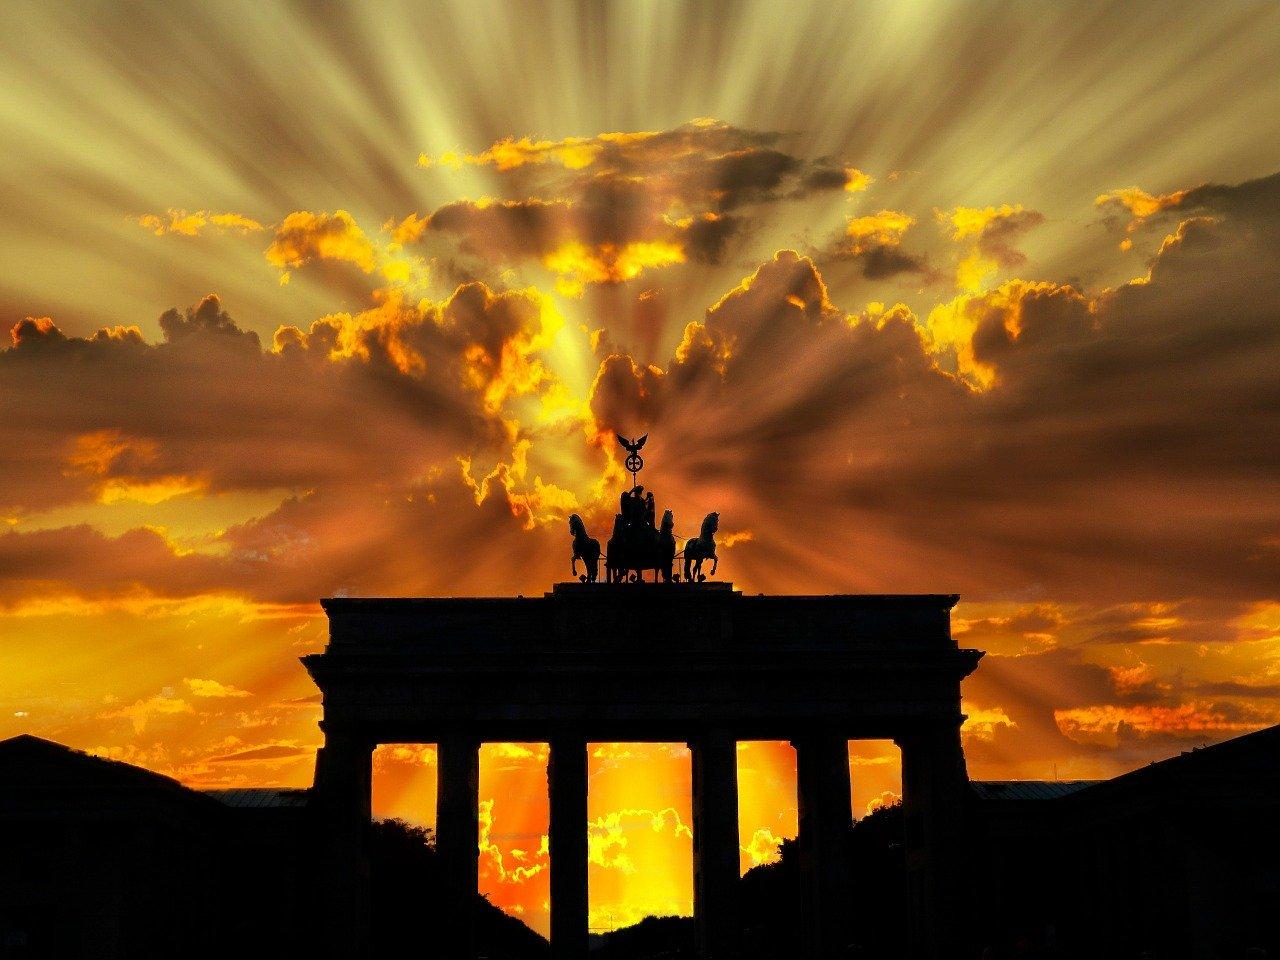 San valentín en Alemania